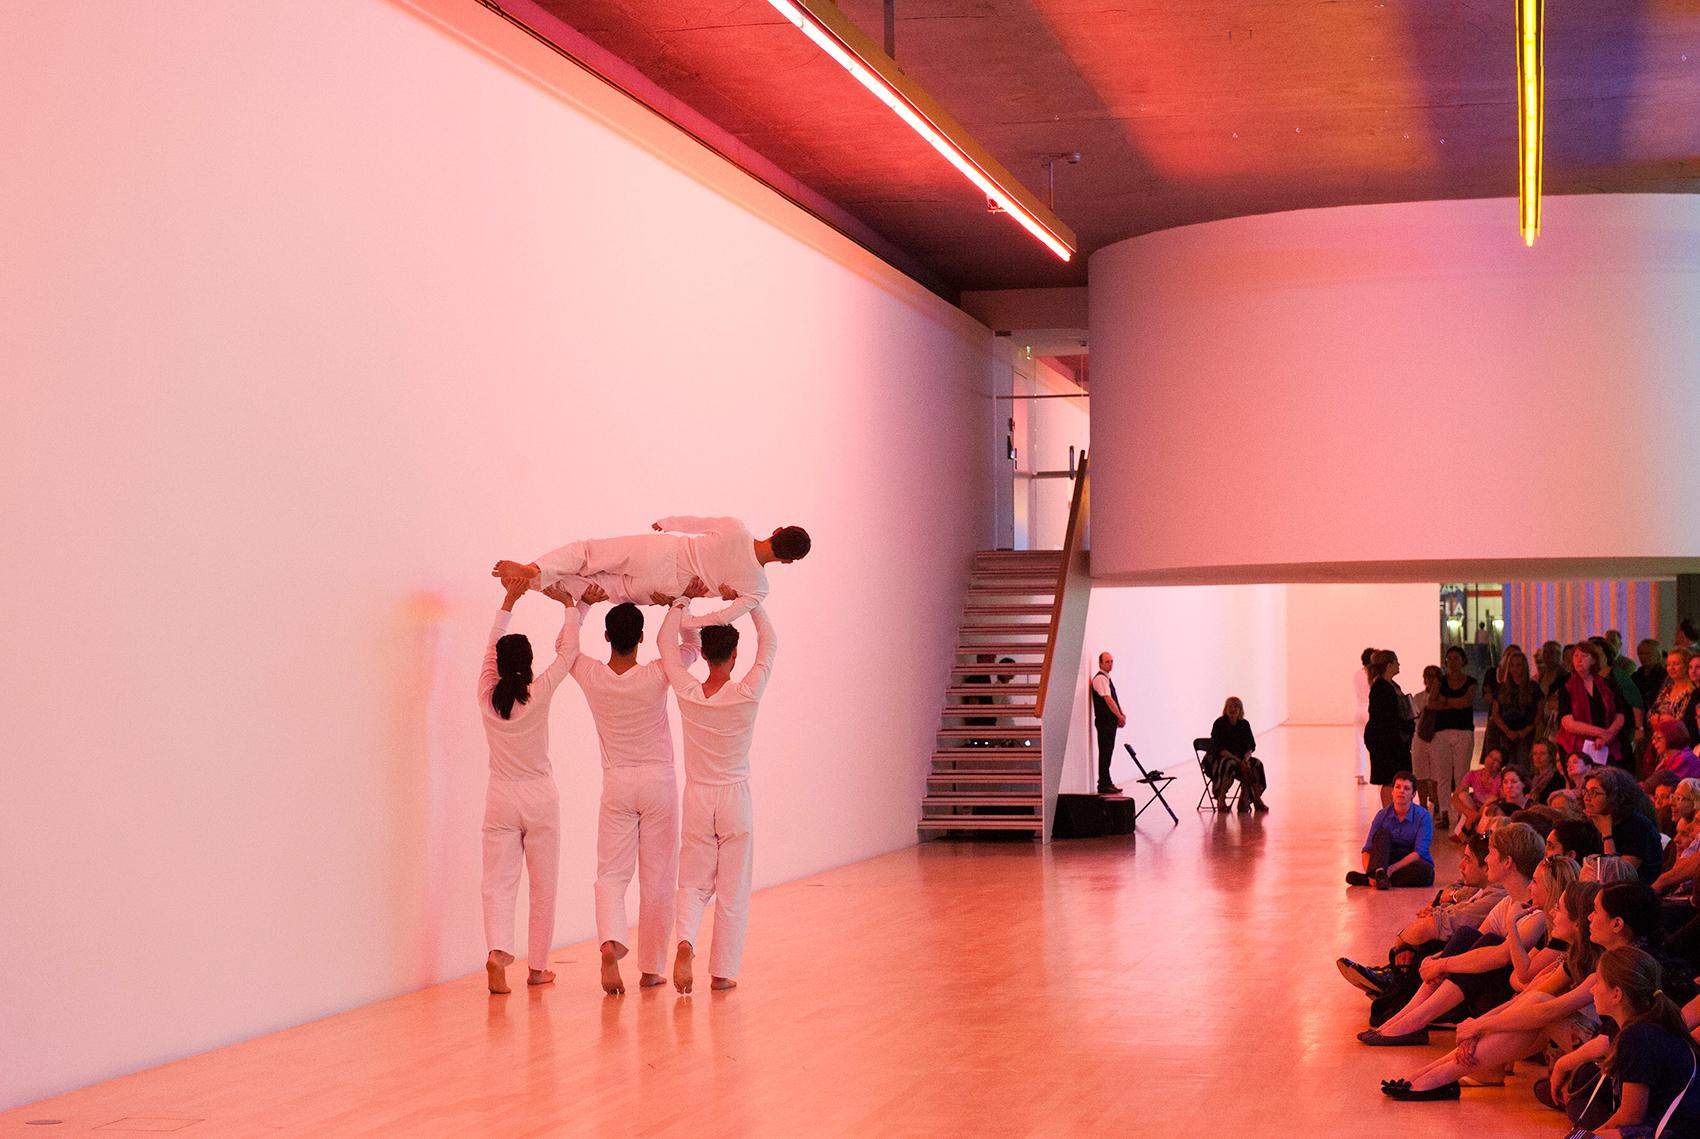 トリシャ・ブラウン・ダンスカンパニー(SPICE編集部責任による画像掲載) © Städtische Galerie im Lenbachhaus und Kunstbau München